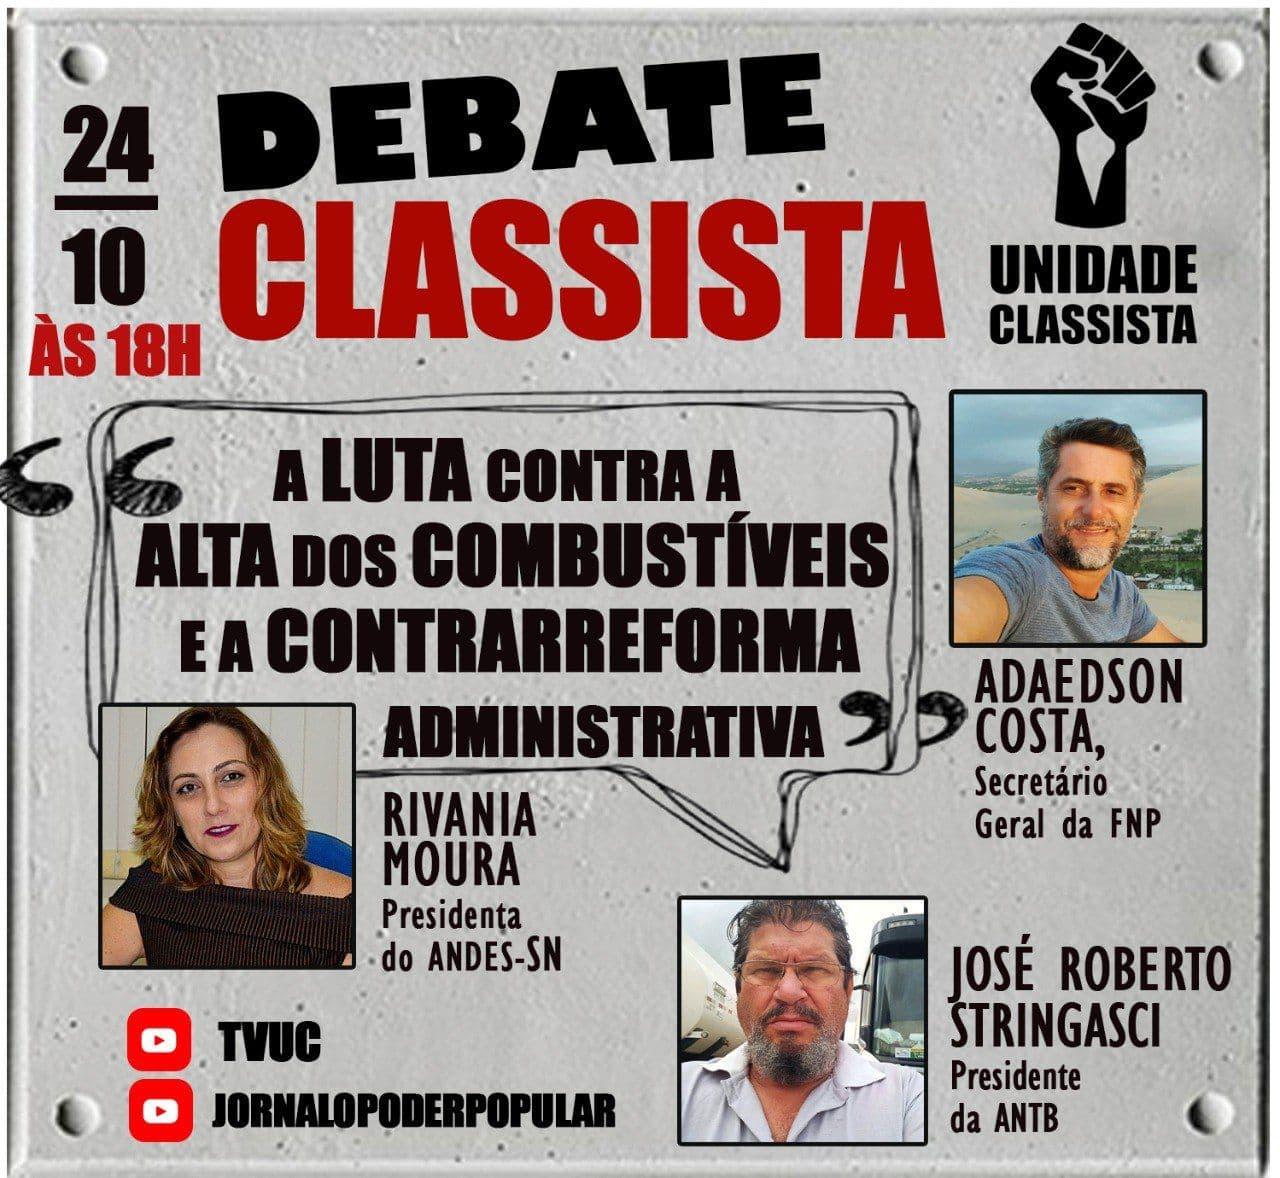 DEBATE CLASSISTA: PEC 32 E ALTA DOS COMBUSTÍVEIS SERÃO OS TEMAS DO PRÓXIMO PROGRAMA!